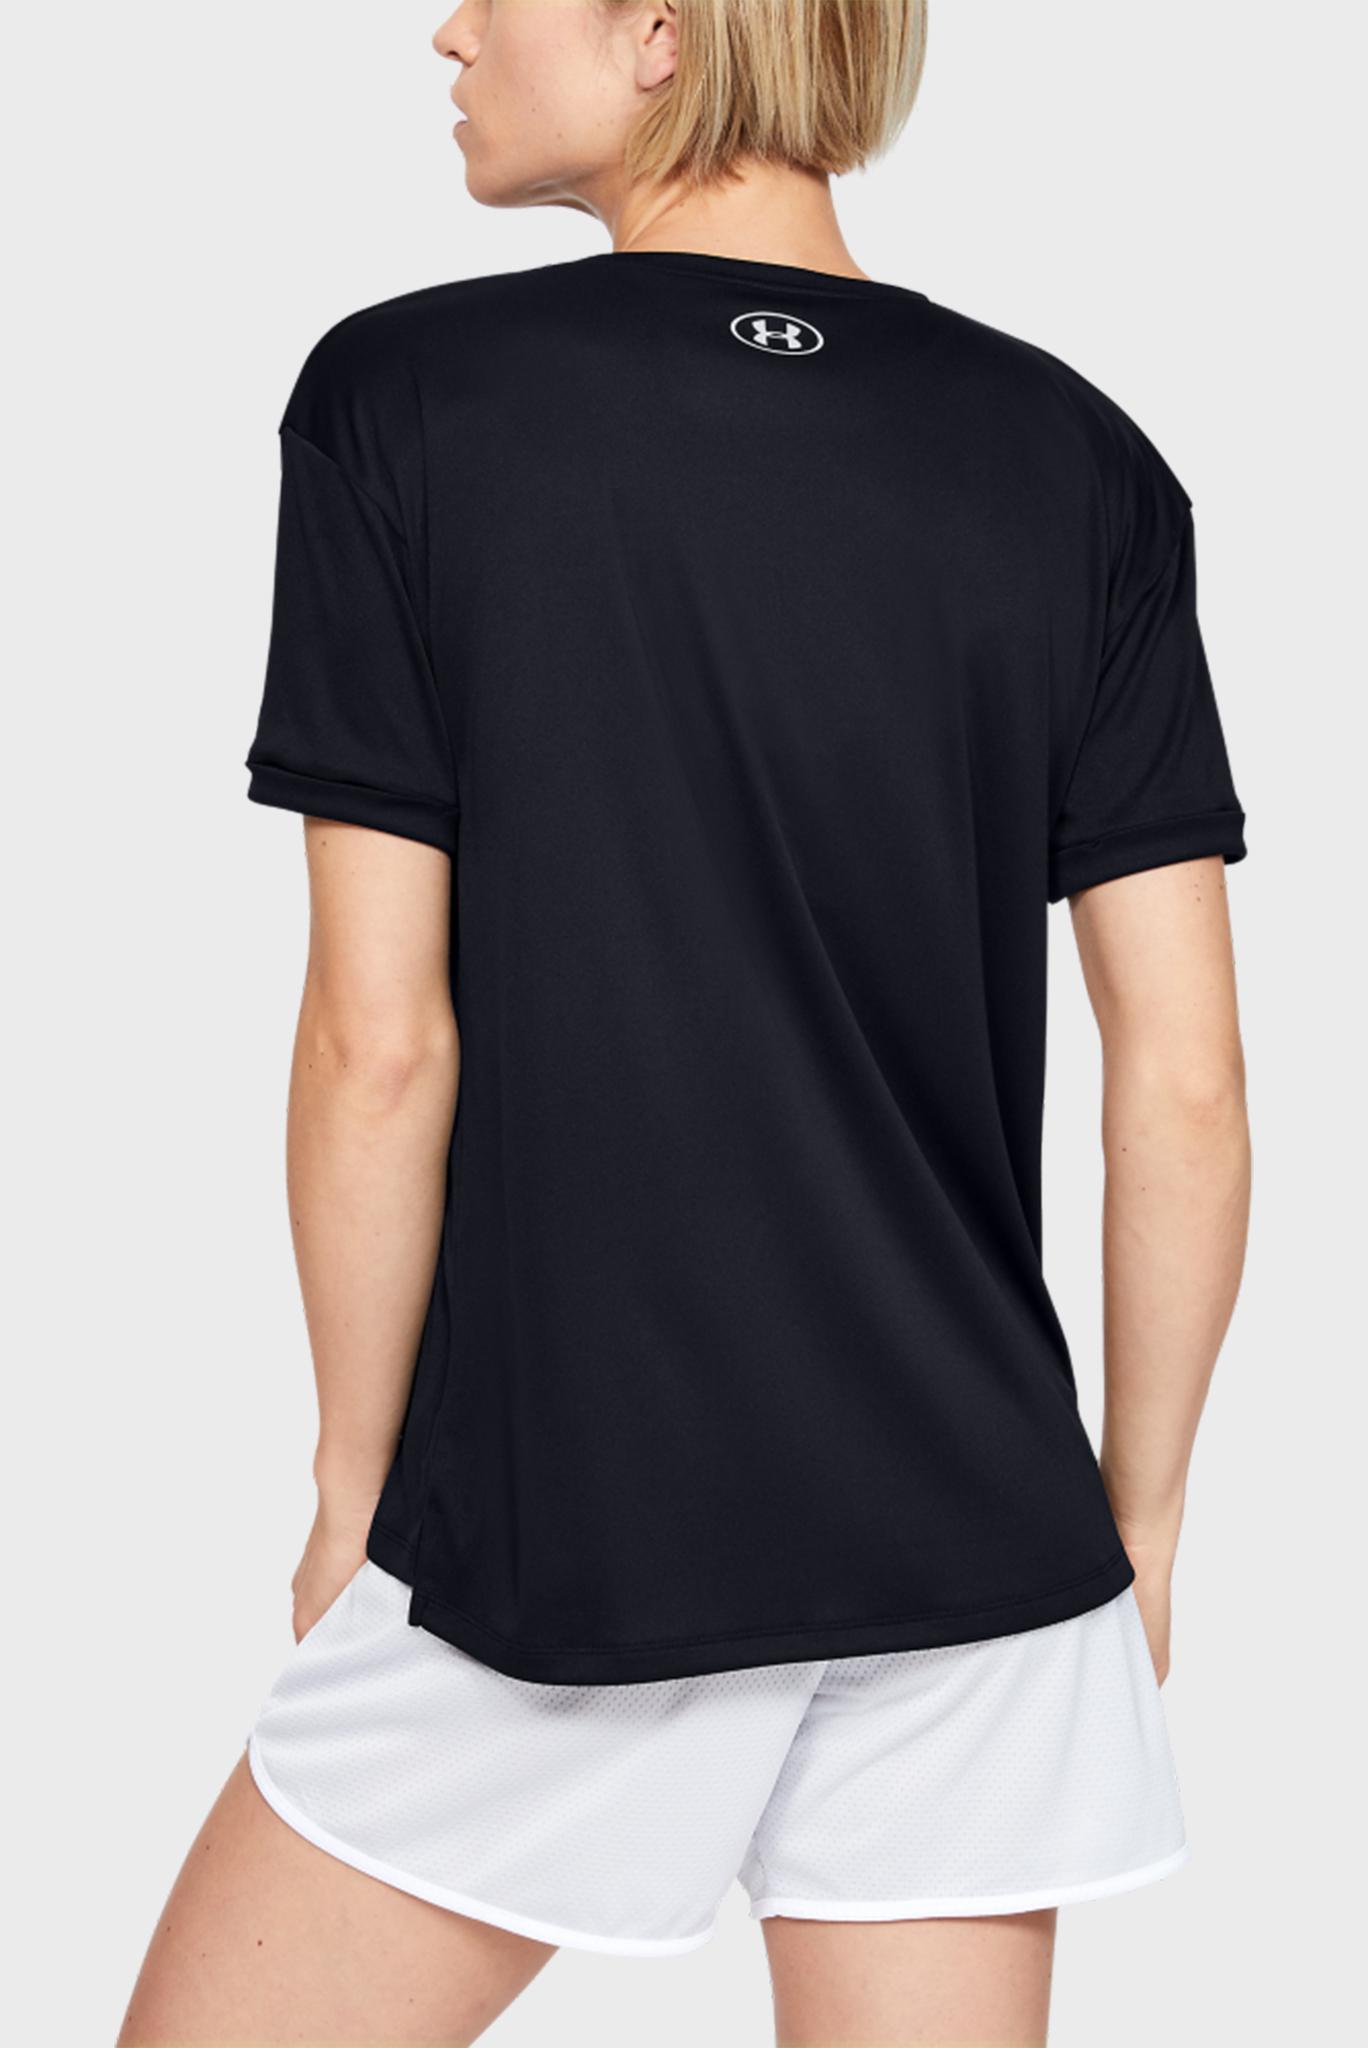 Женская черная спортивная футболка Performance Graphic SS Under Armour